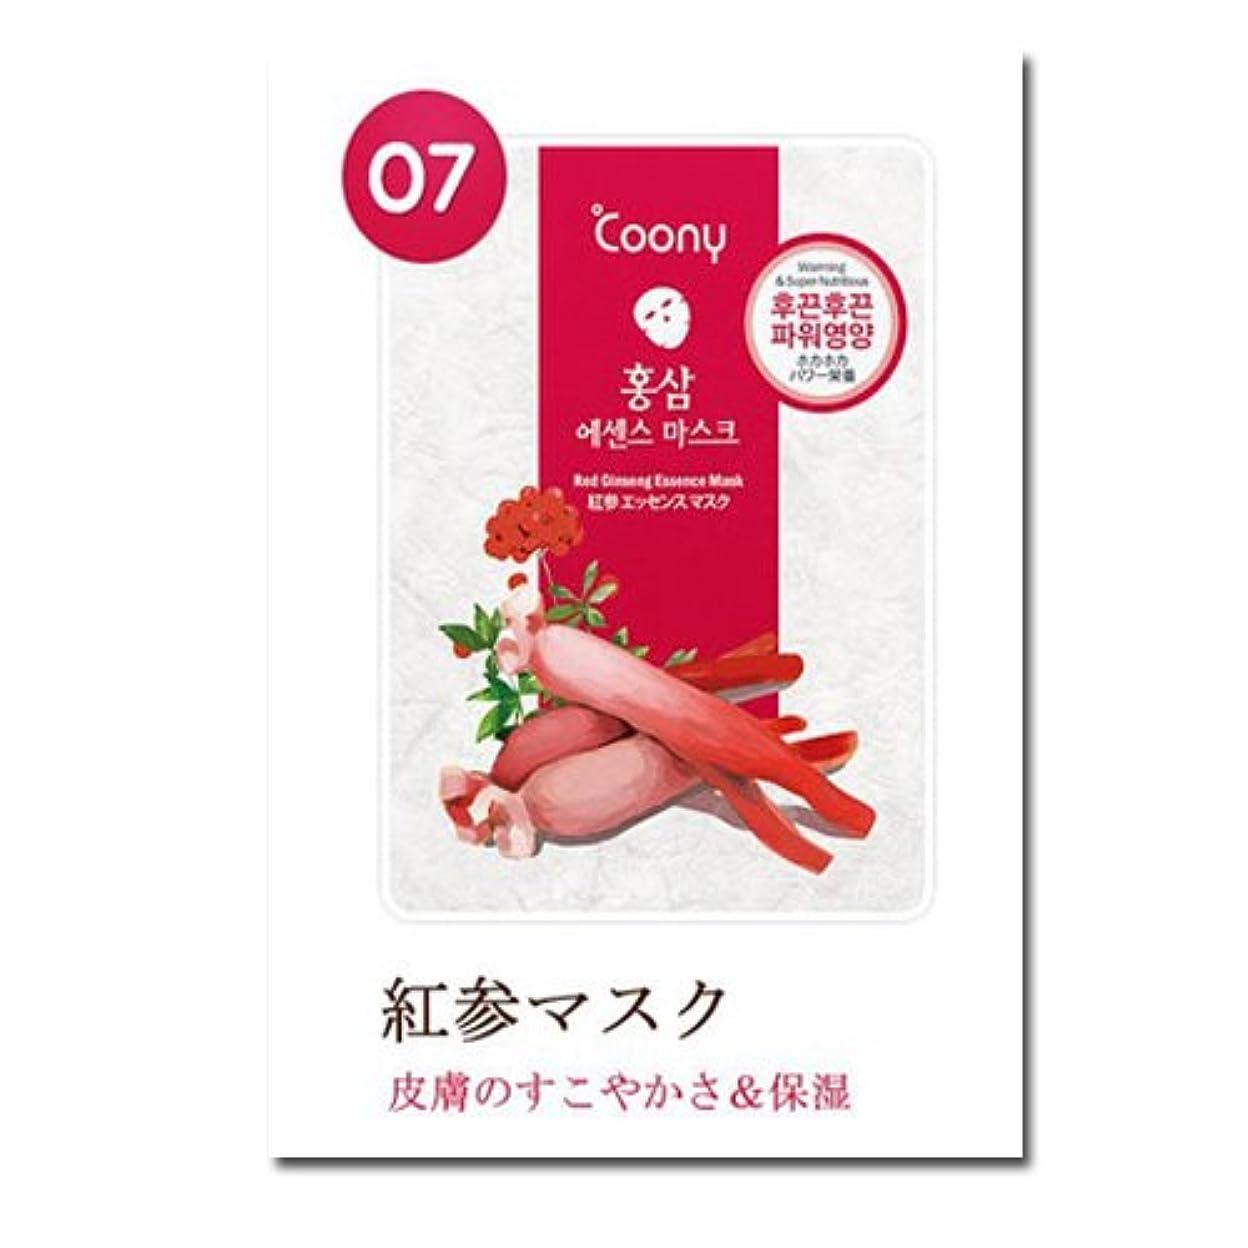 変形マイナス五月coony?韓国コスメ/潤い/乾燥肌/エッセンスマスクパック/紅参マスクパック10枚//びっくり品質